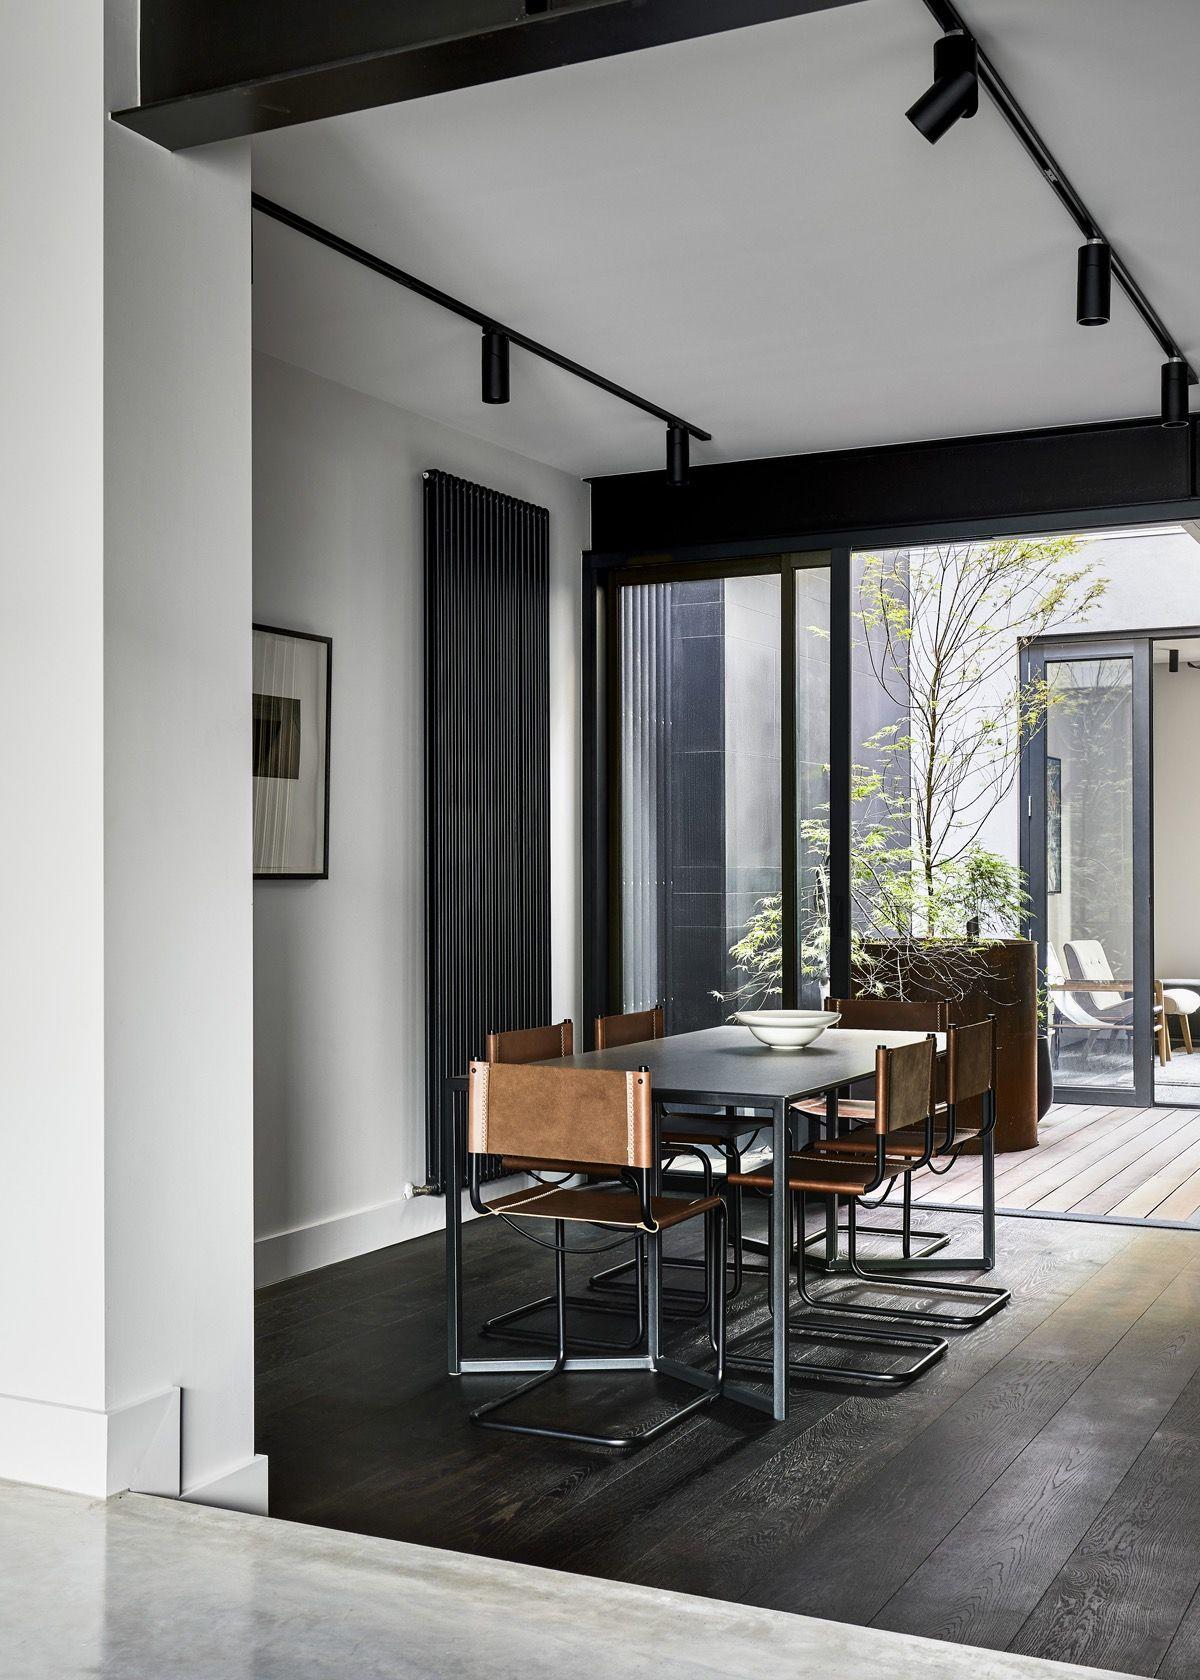 Stilvolle LoungeSets für die Terrasse. Der klassische